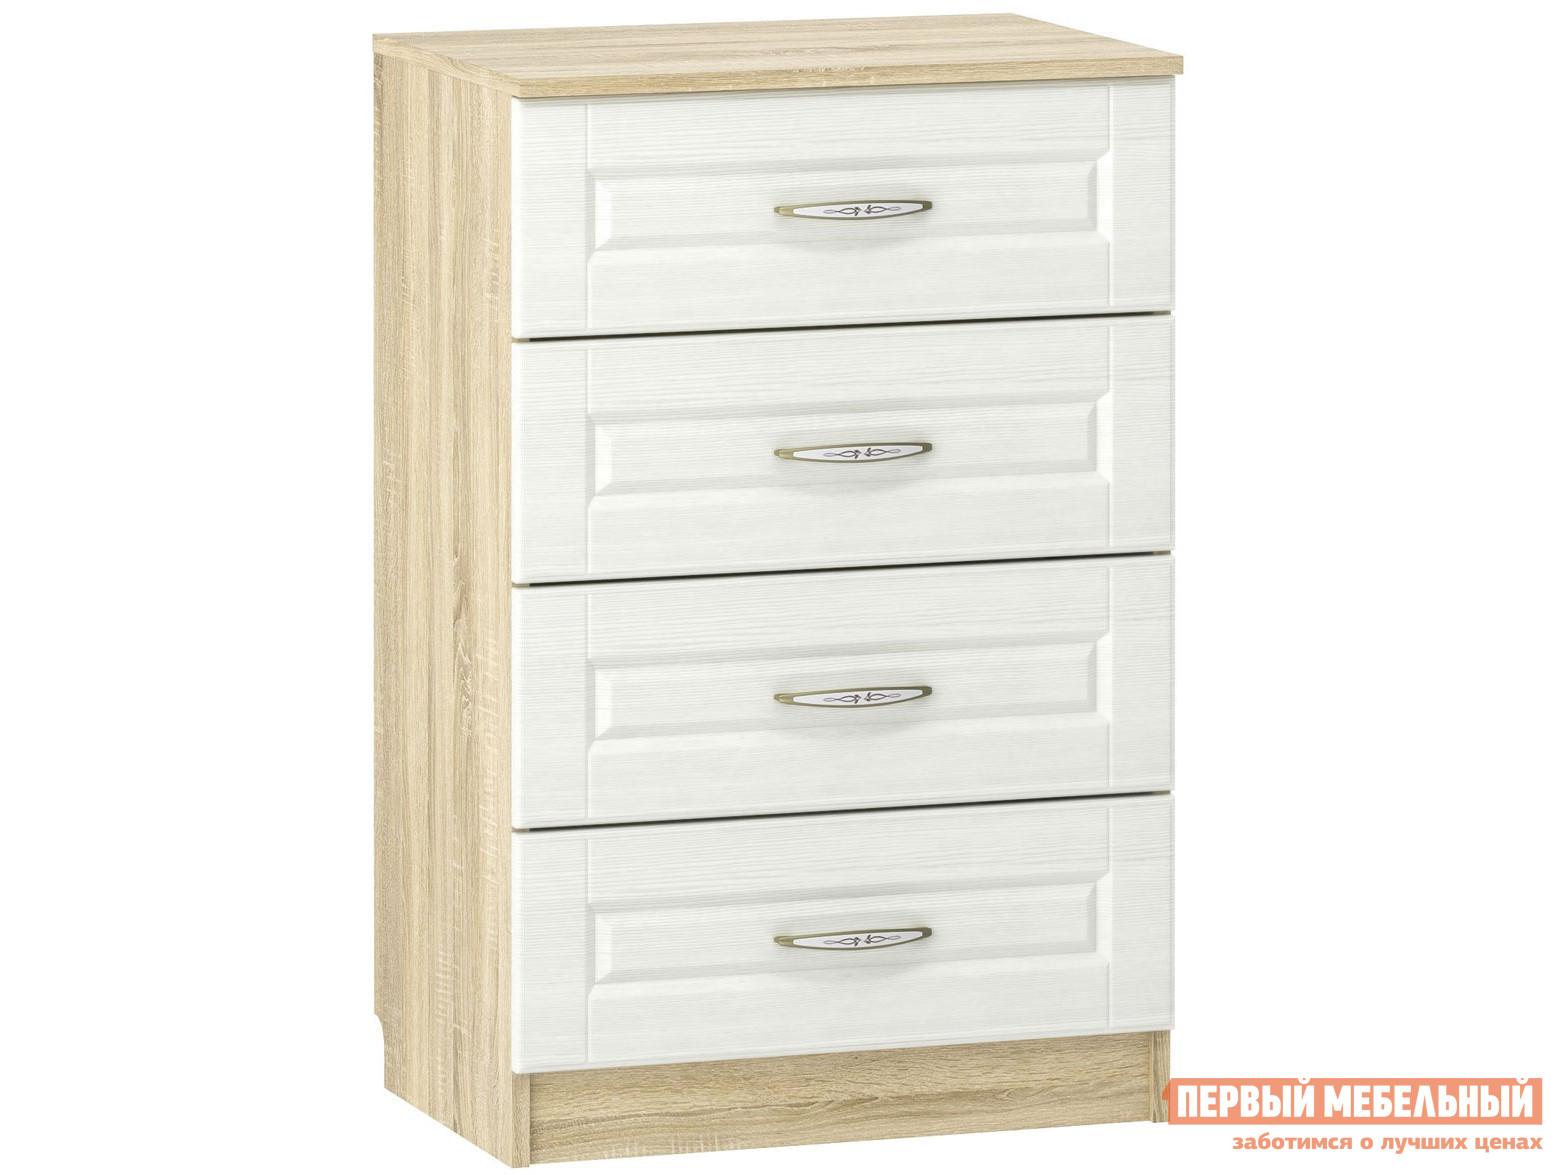 Комод Первый Мебельный Комод Оливия Лайт 4 ящ НМ 040.38 комод первый мебельный комод франк 3 ящ